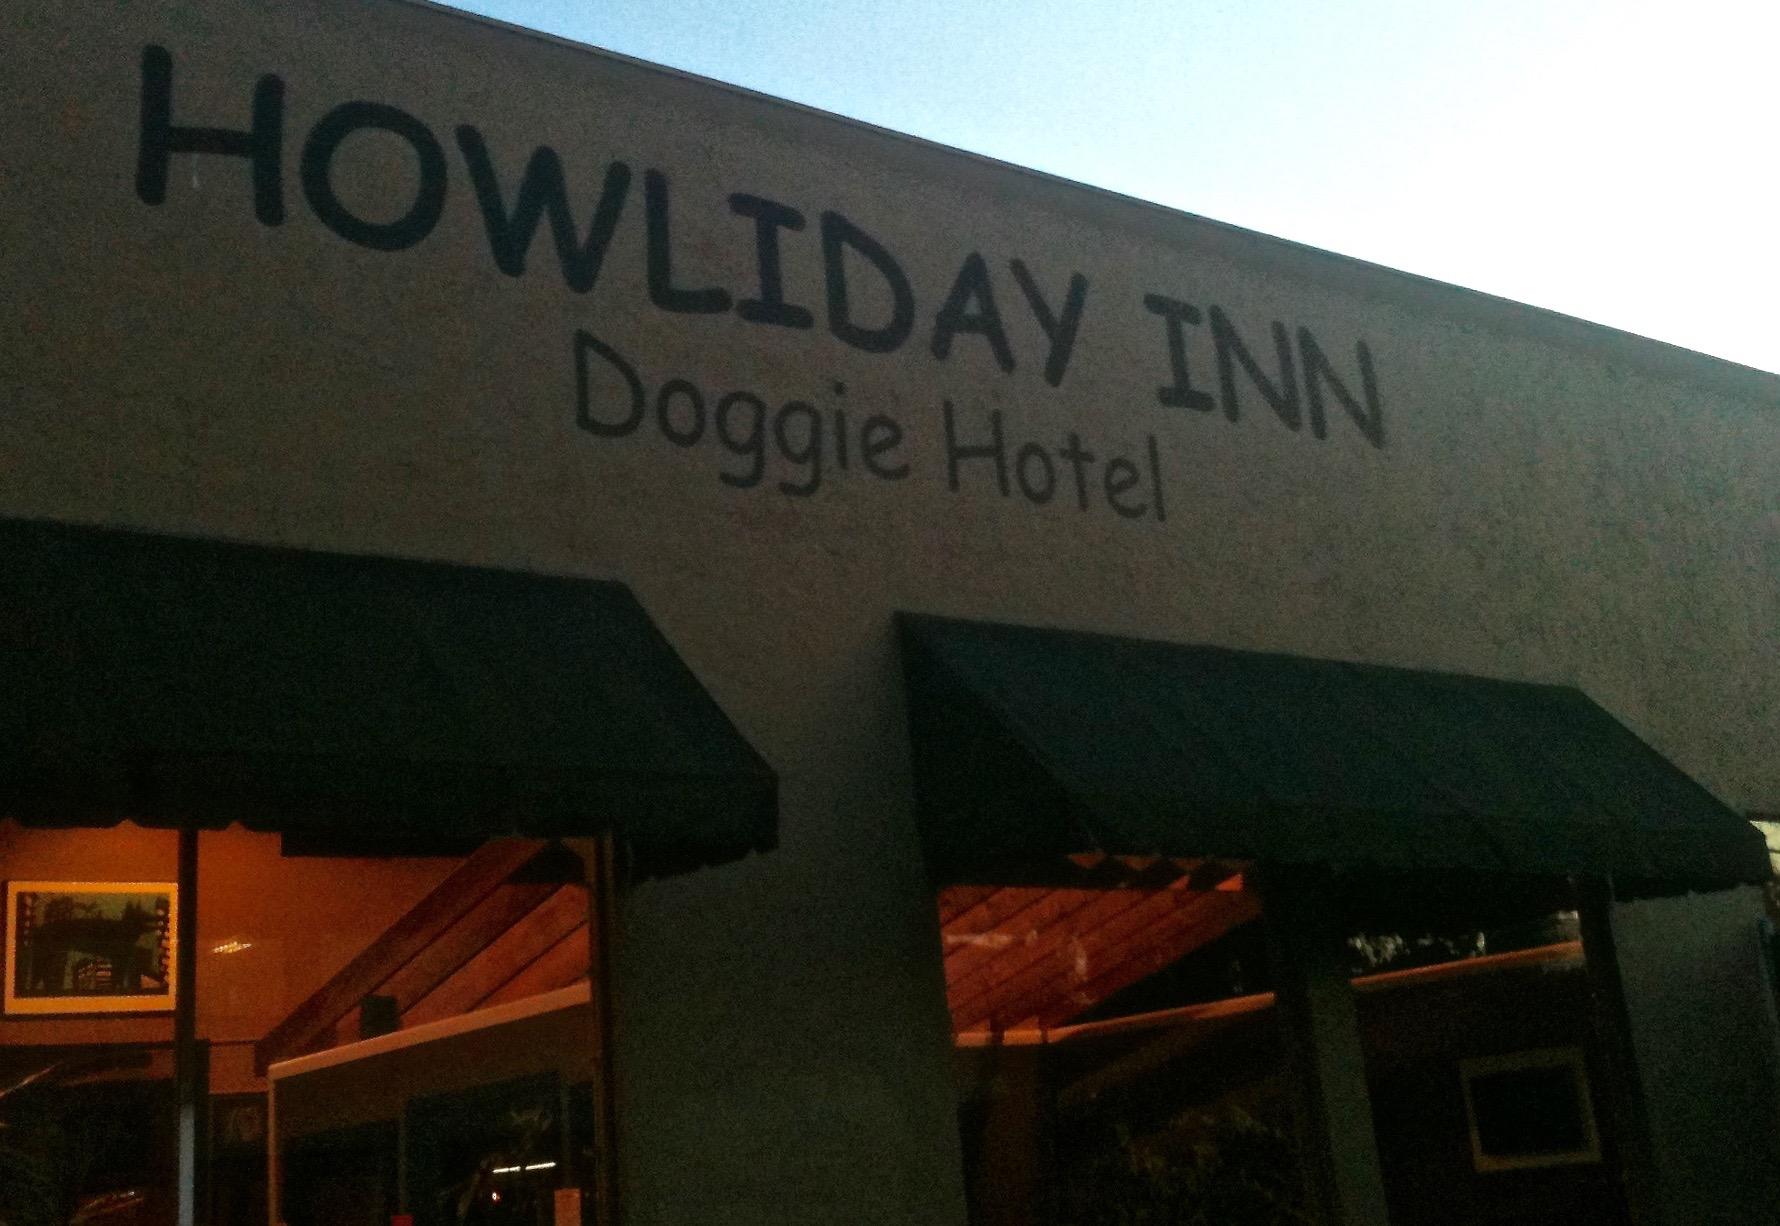 Howliday Inn Doggie Hotel Portland Or